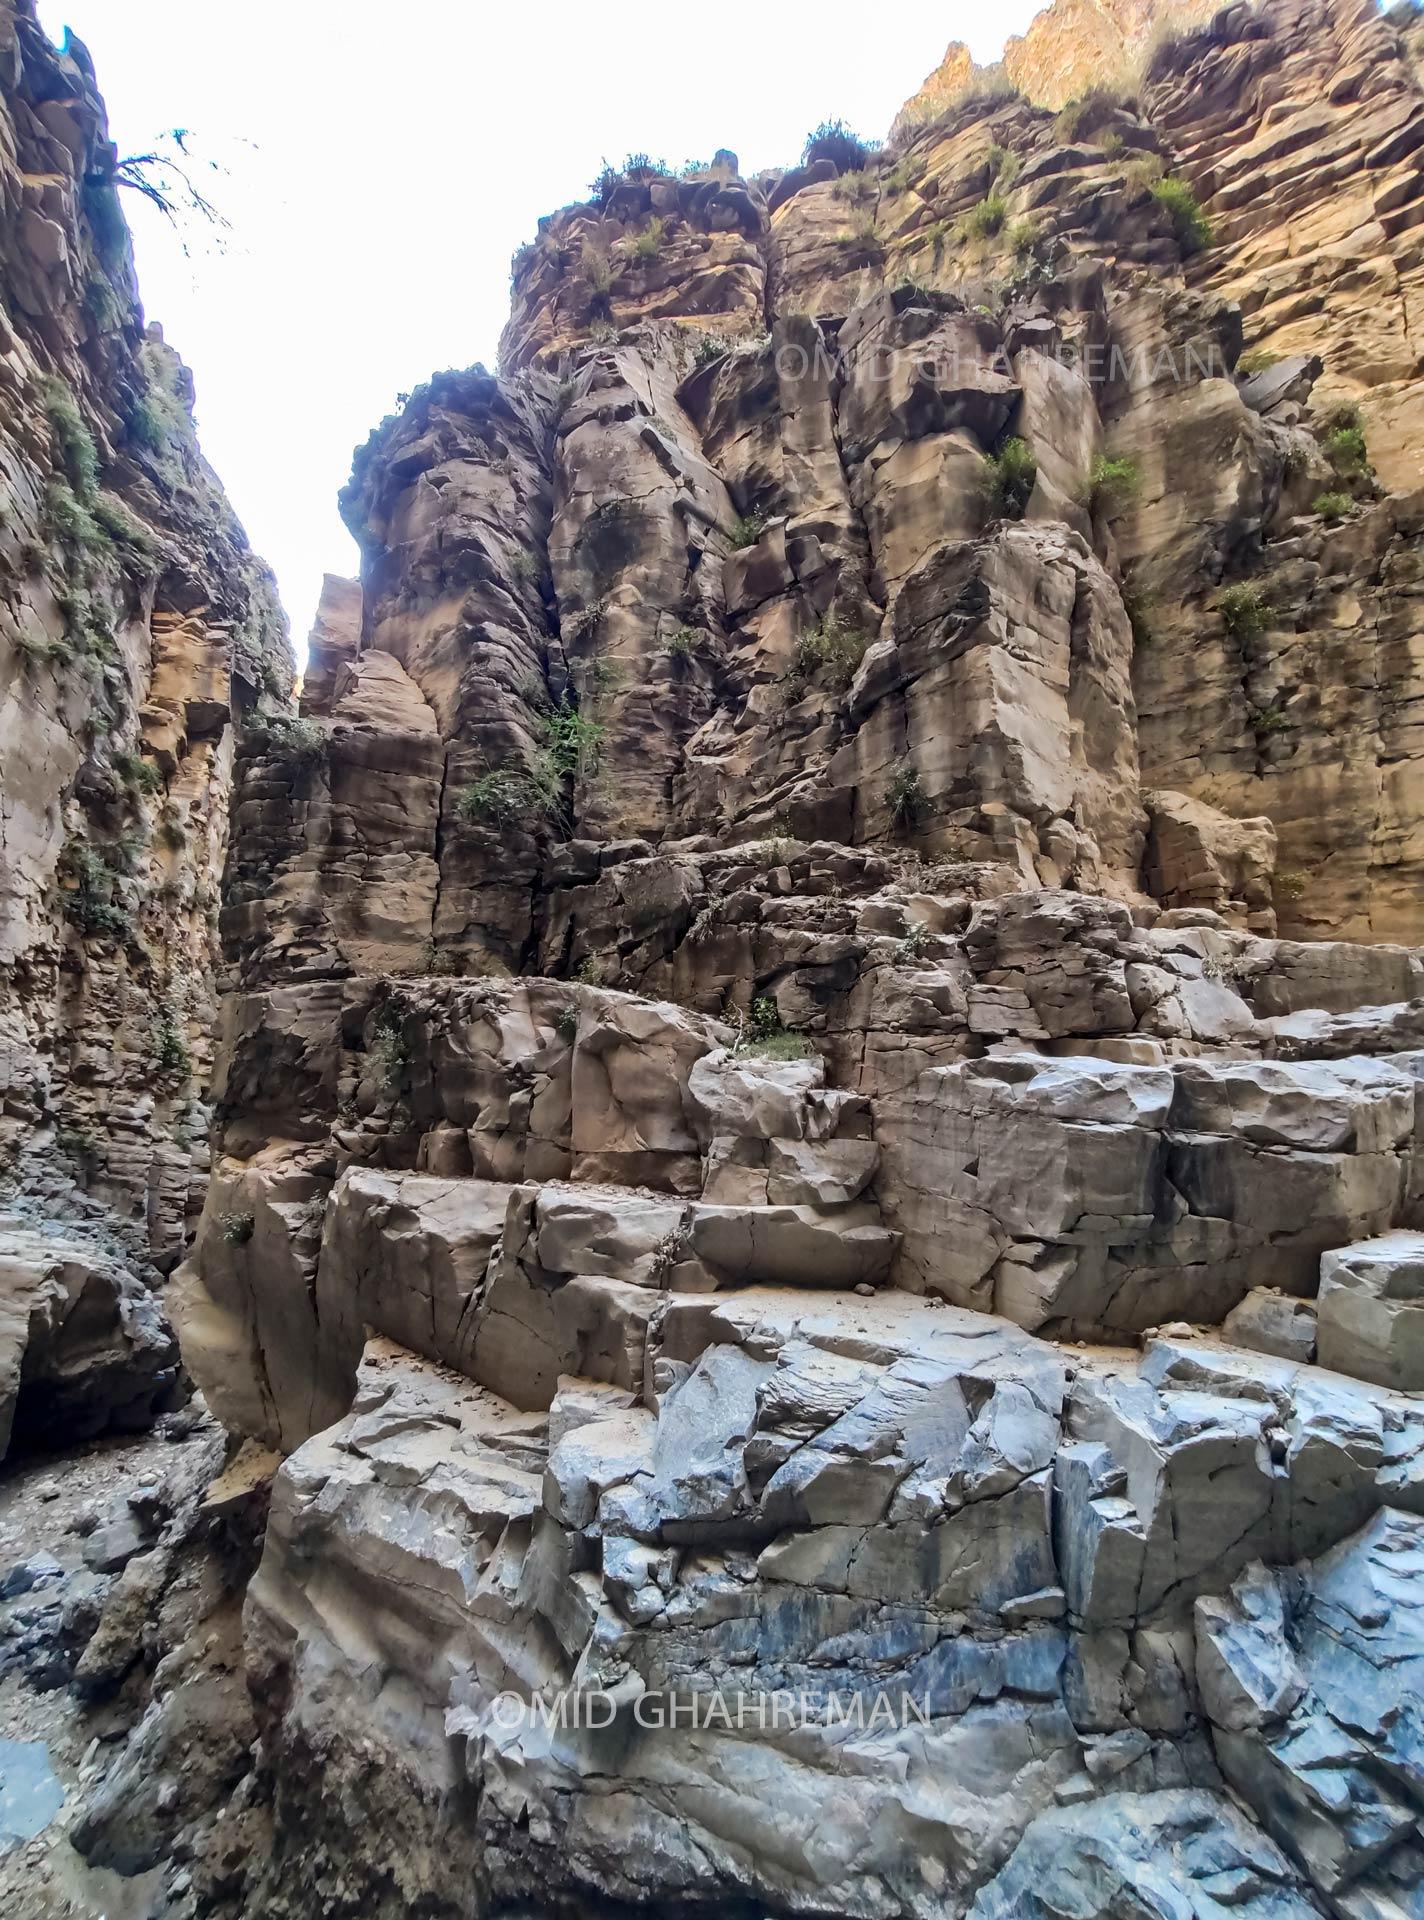 صخره های بازالتی